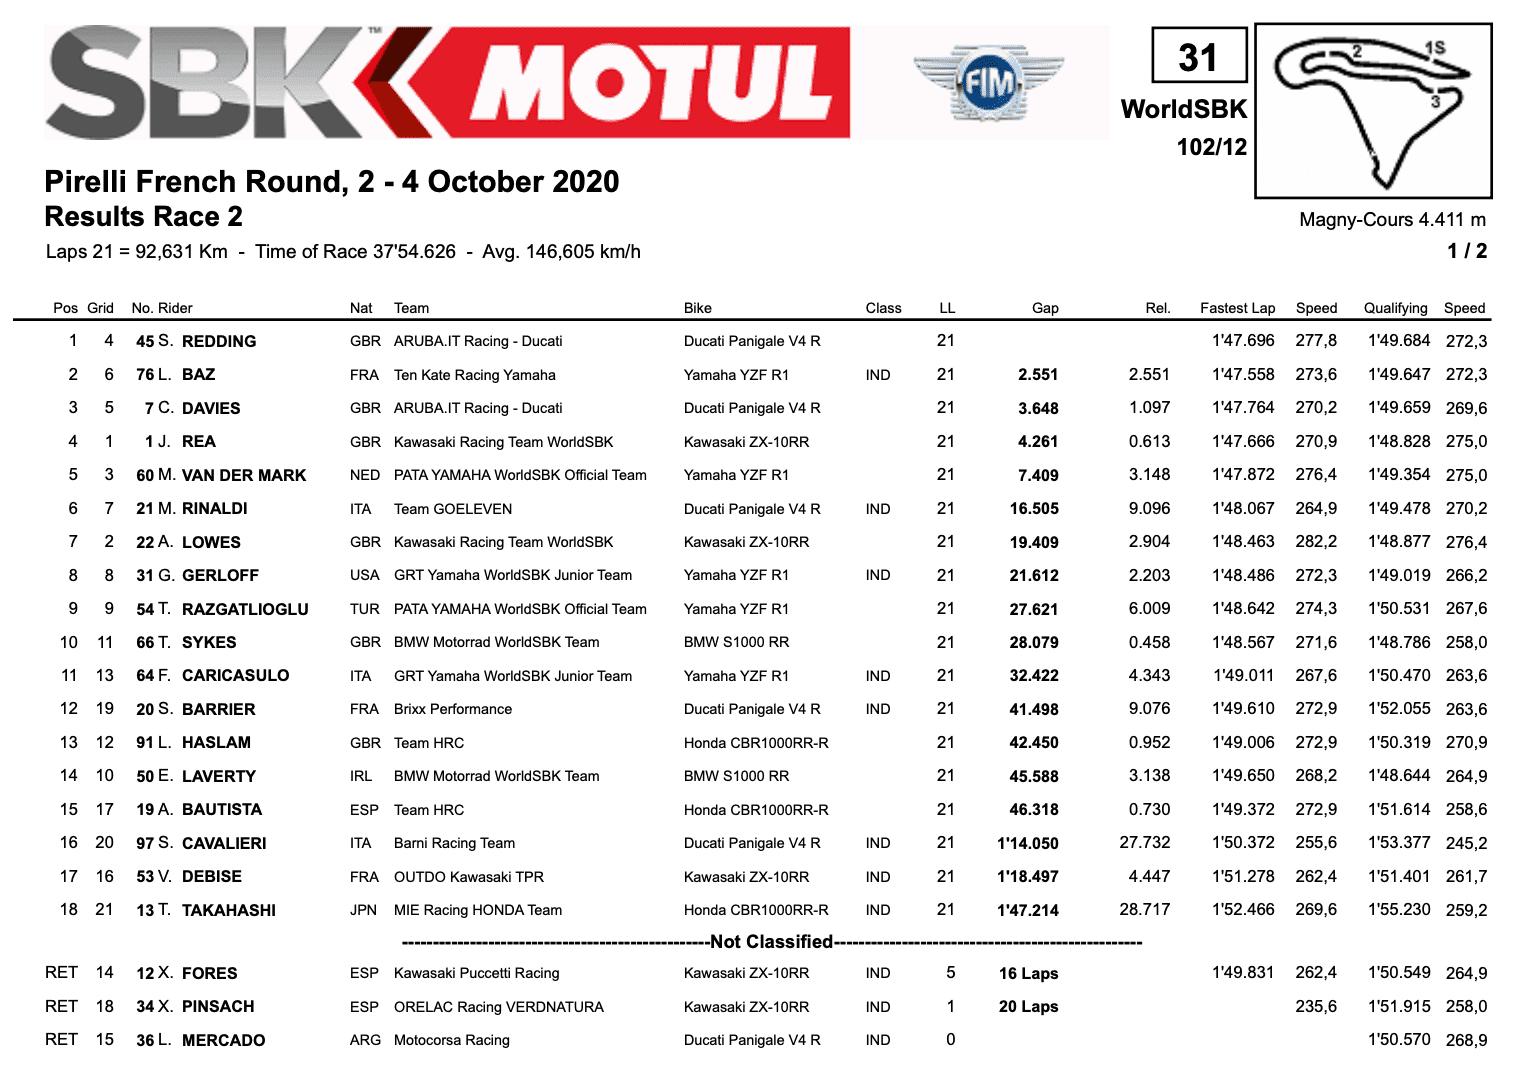 スーパーバイク世界選手権(SBK)マニクール戦 レース2結果 チャンピオンシップ決定は最終戦へ